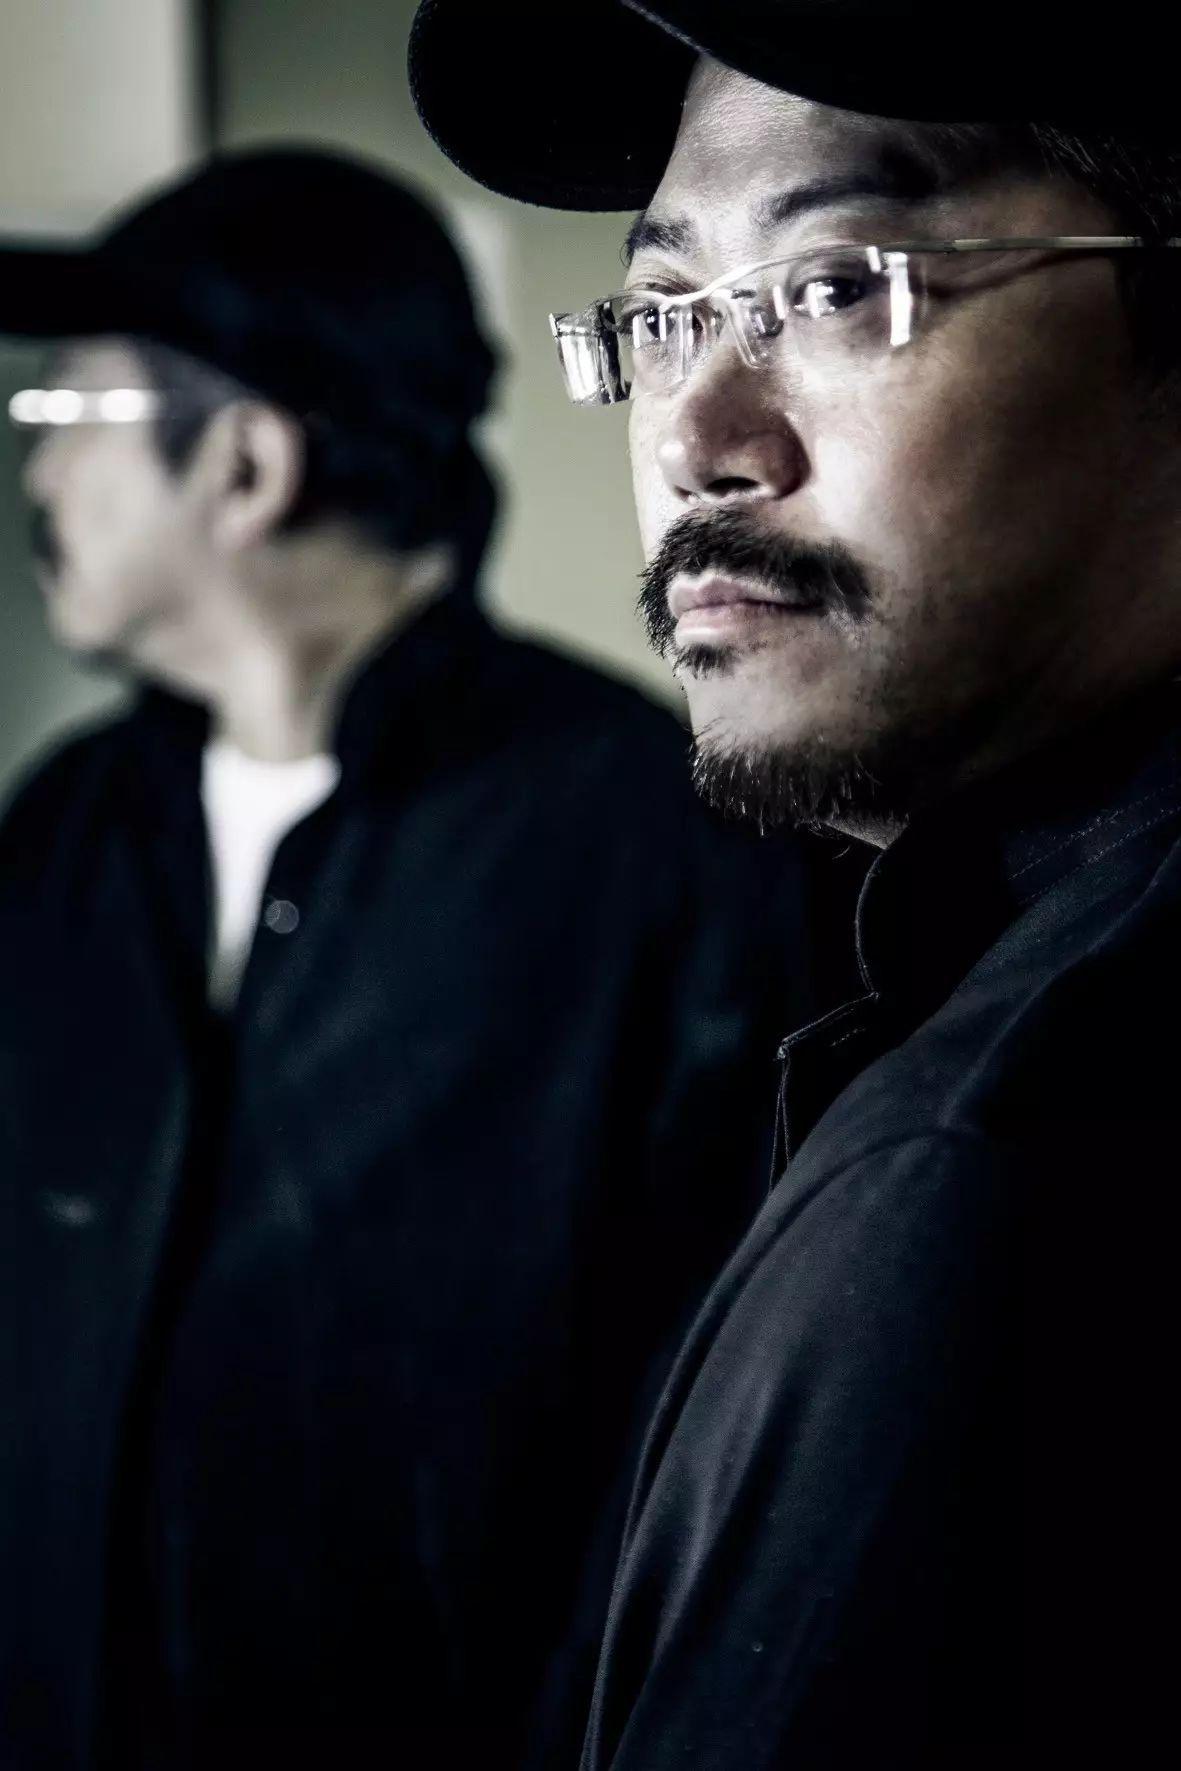 叶锦添,著名的视觉艺术家,电影与舞台美术指导,服装设计师.